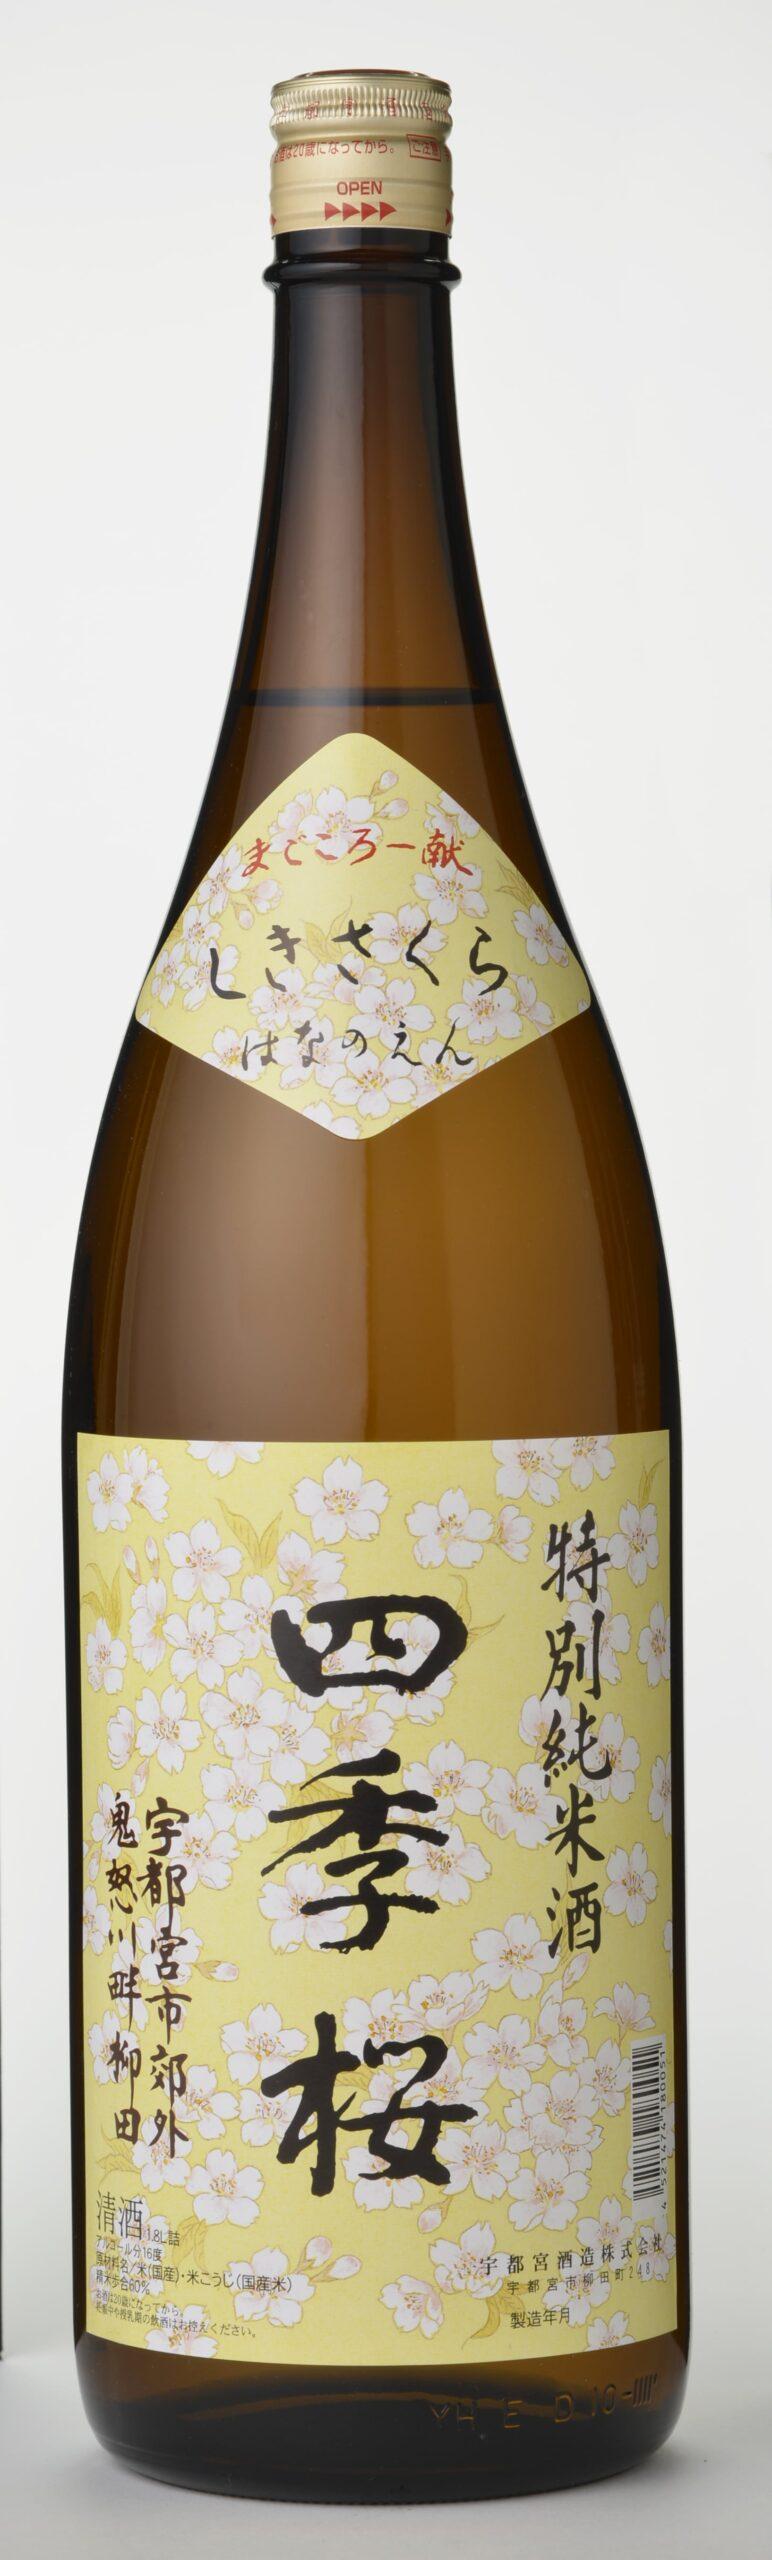 四季桜 特別純米 はなのえん